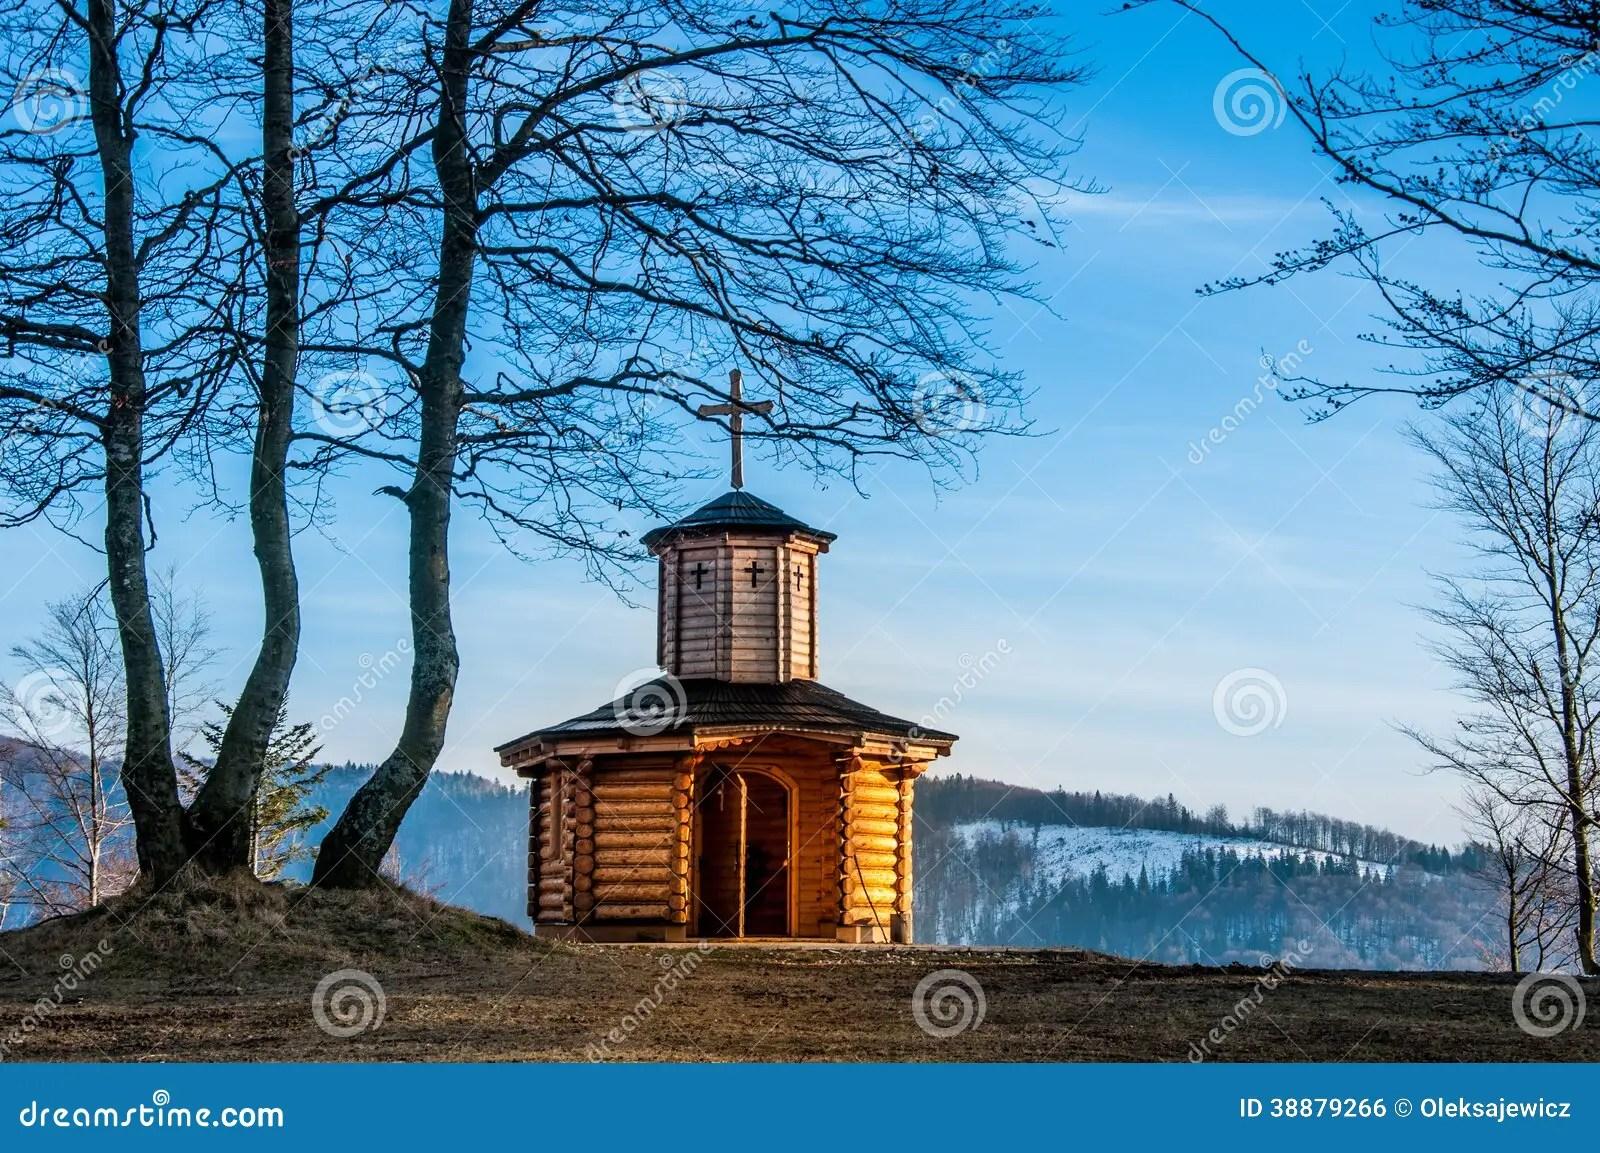 Wonderful European Mountain Ranges Stock Photo